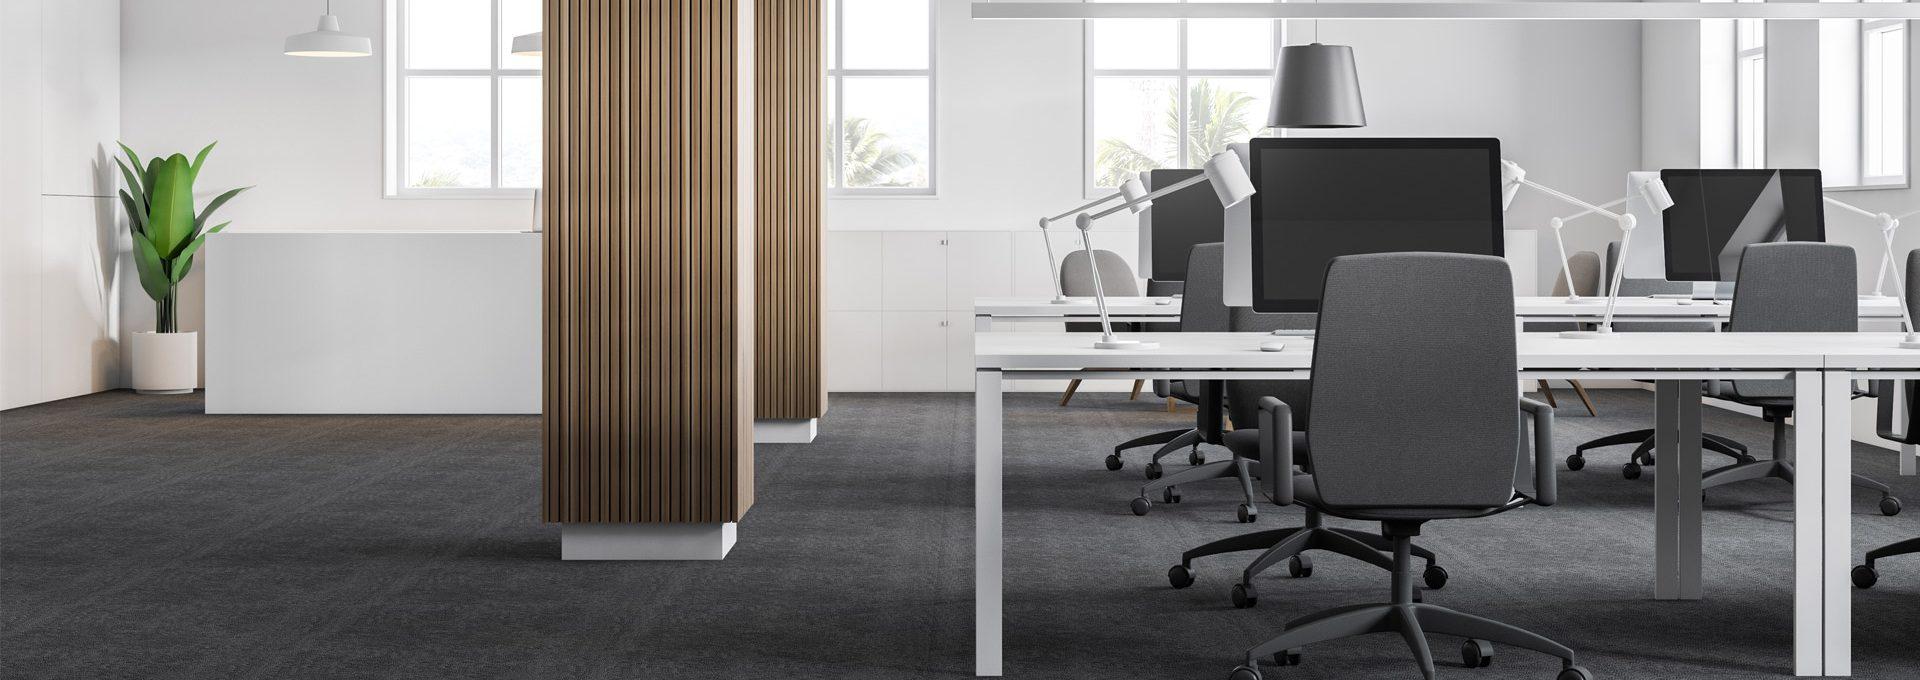 ניקוי שטיחים לעסקים